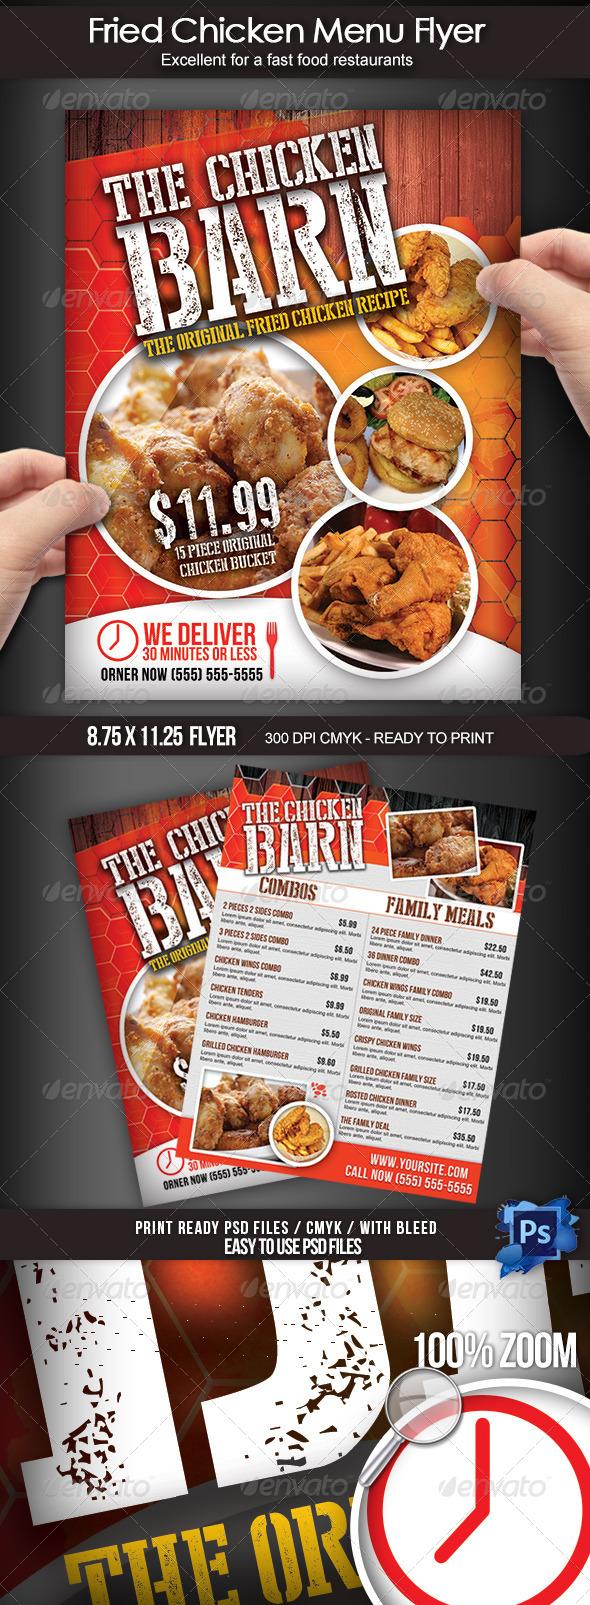 GraphicRiver Fried Chicken Menu Flyer 7671457